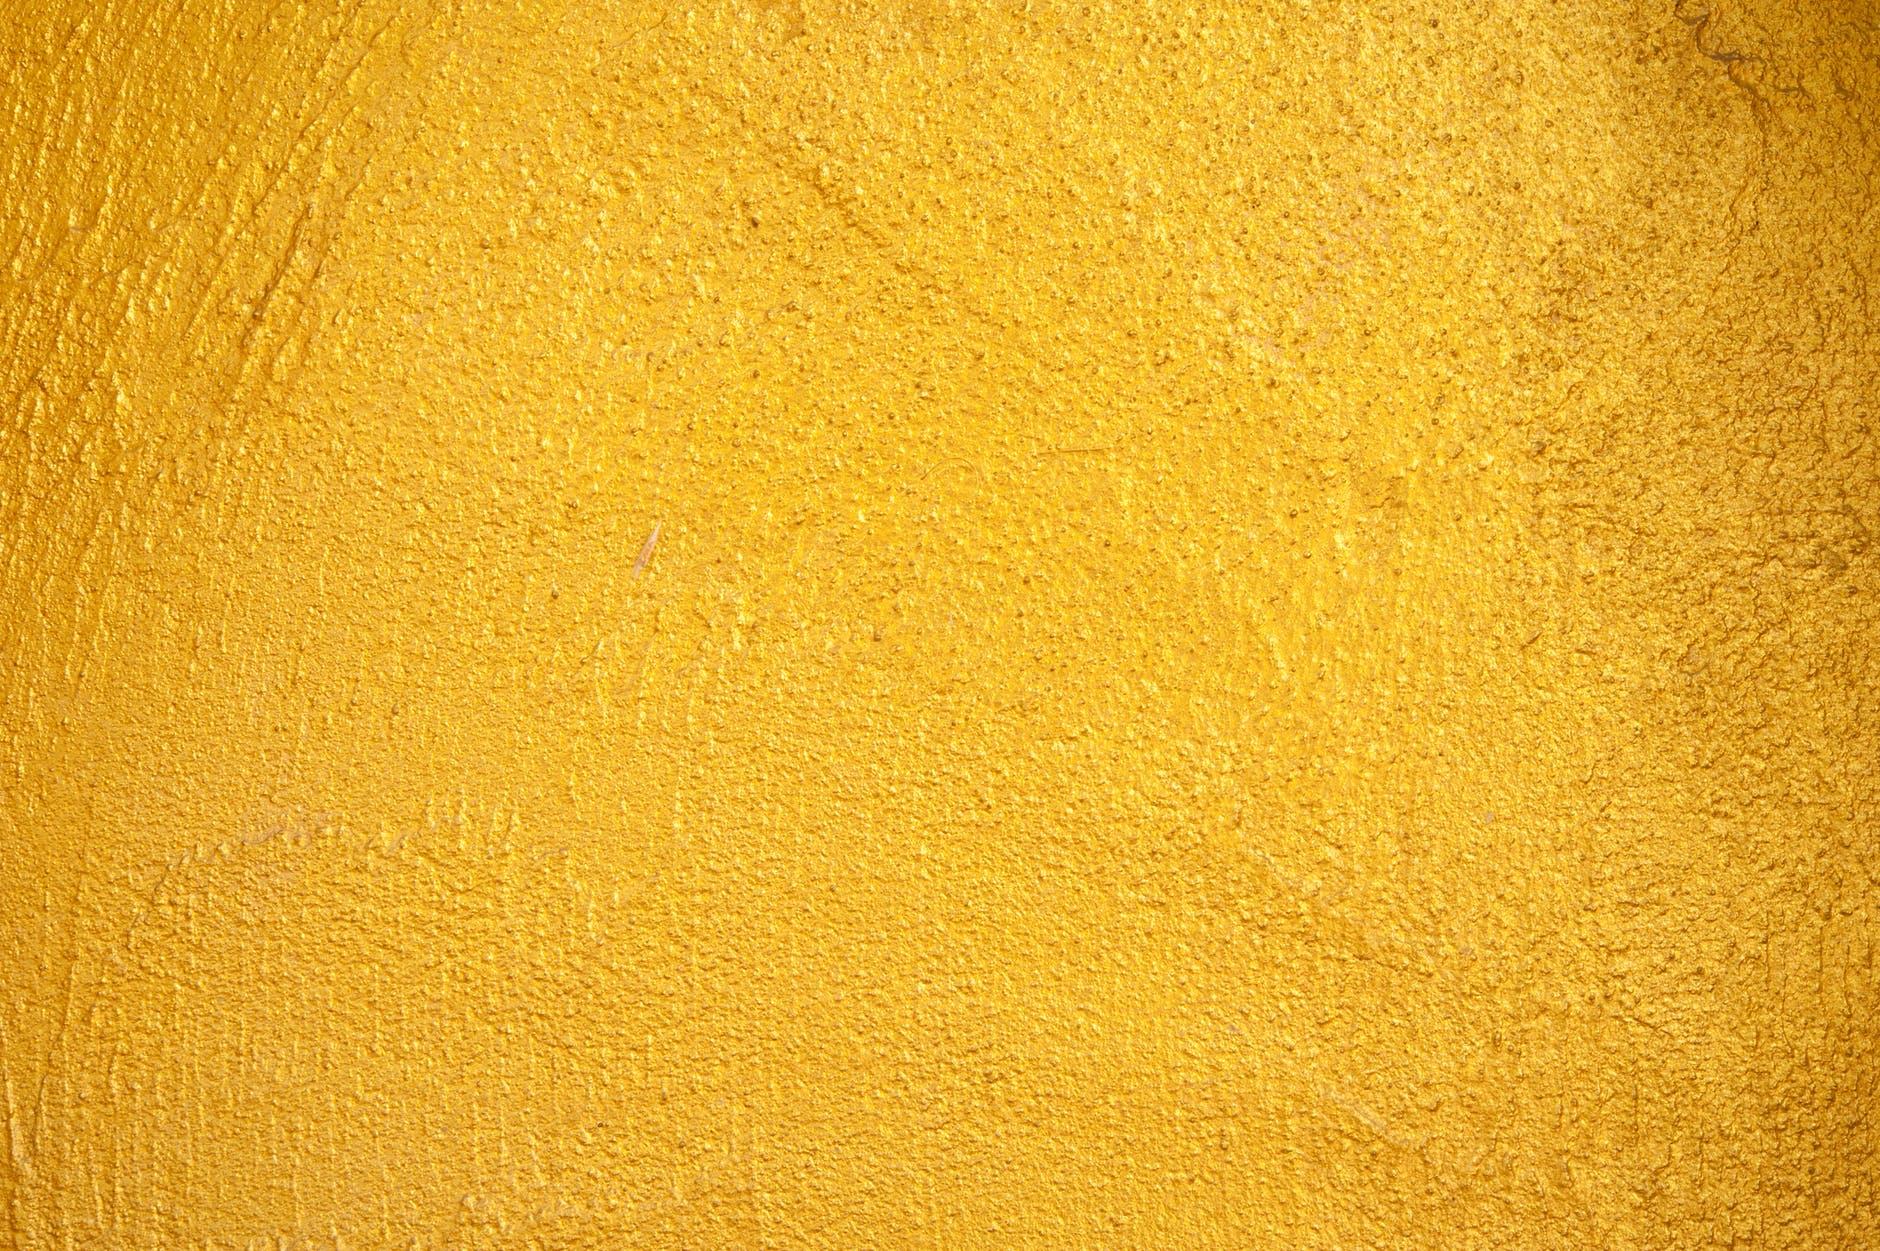 Jaka farba do betonu będzie najlepsza?